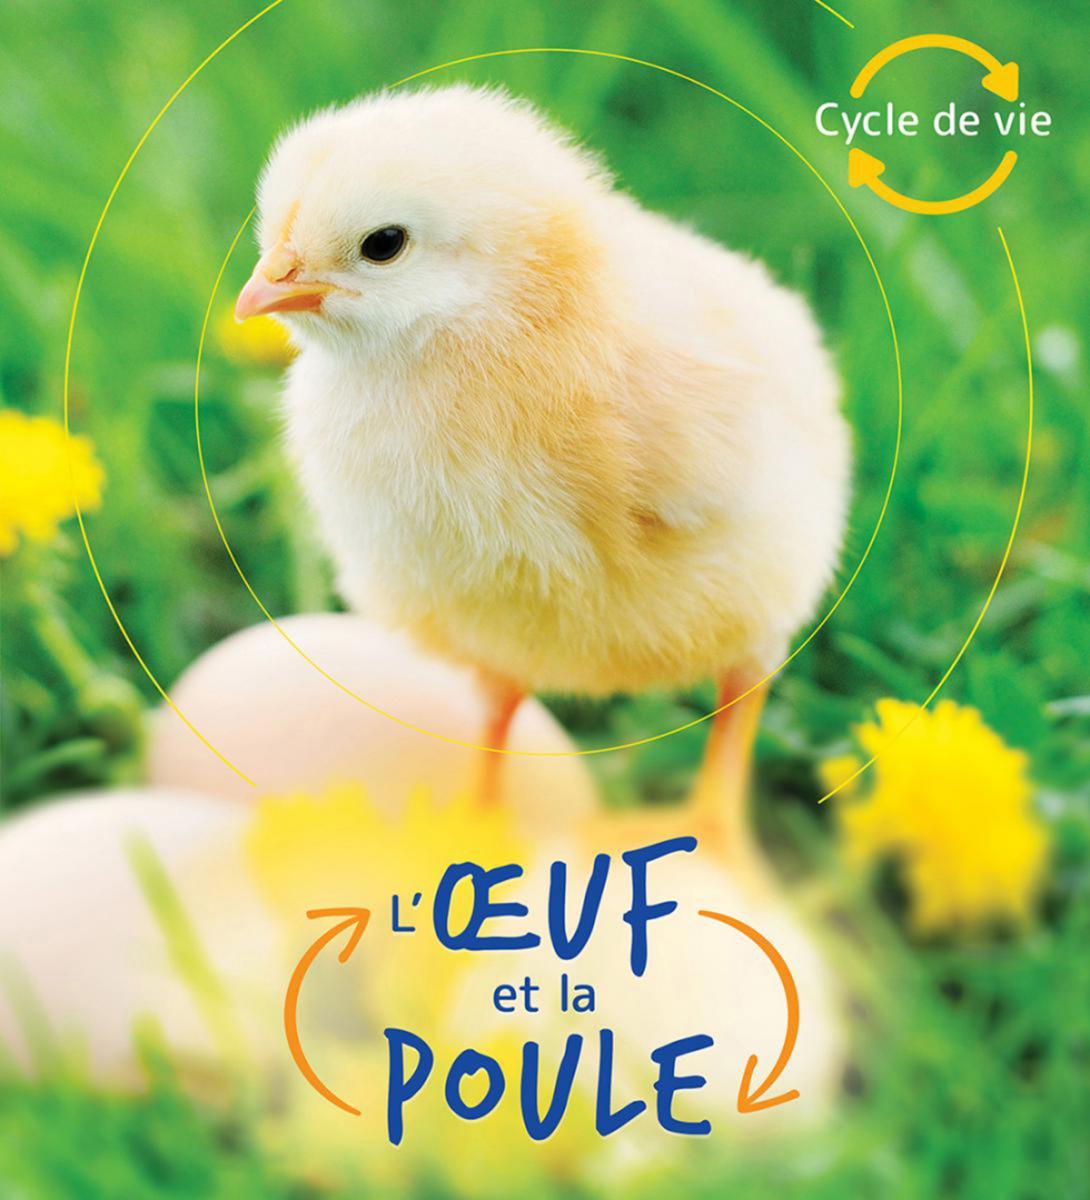 Cycle de vie : L'oeuf et la poule